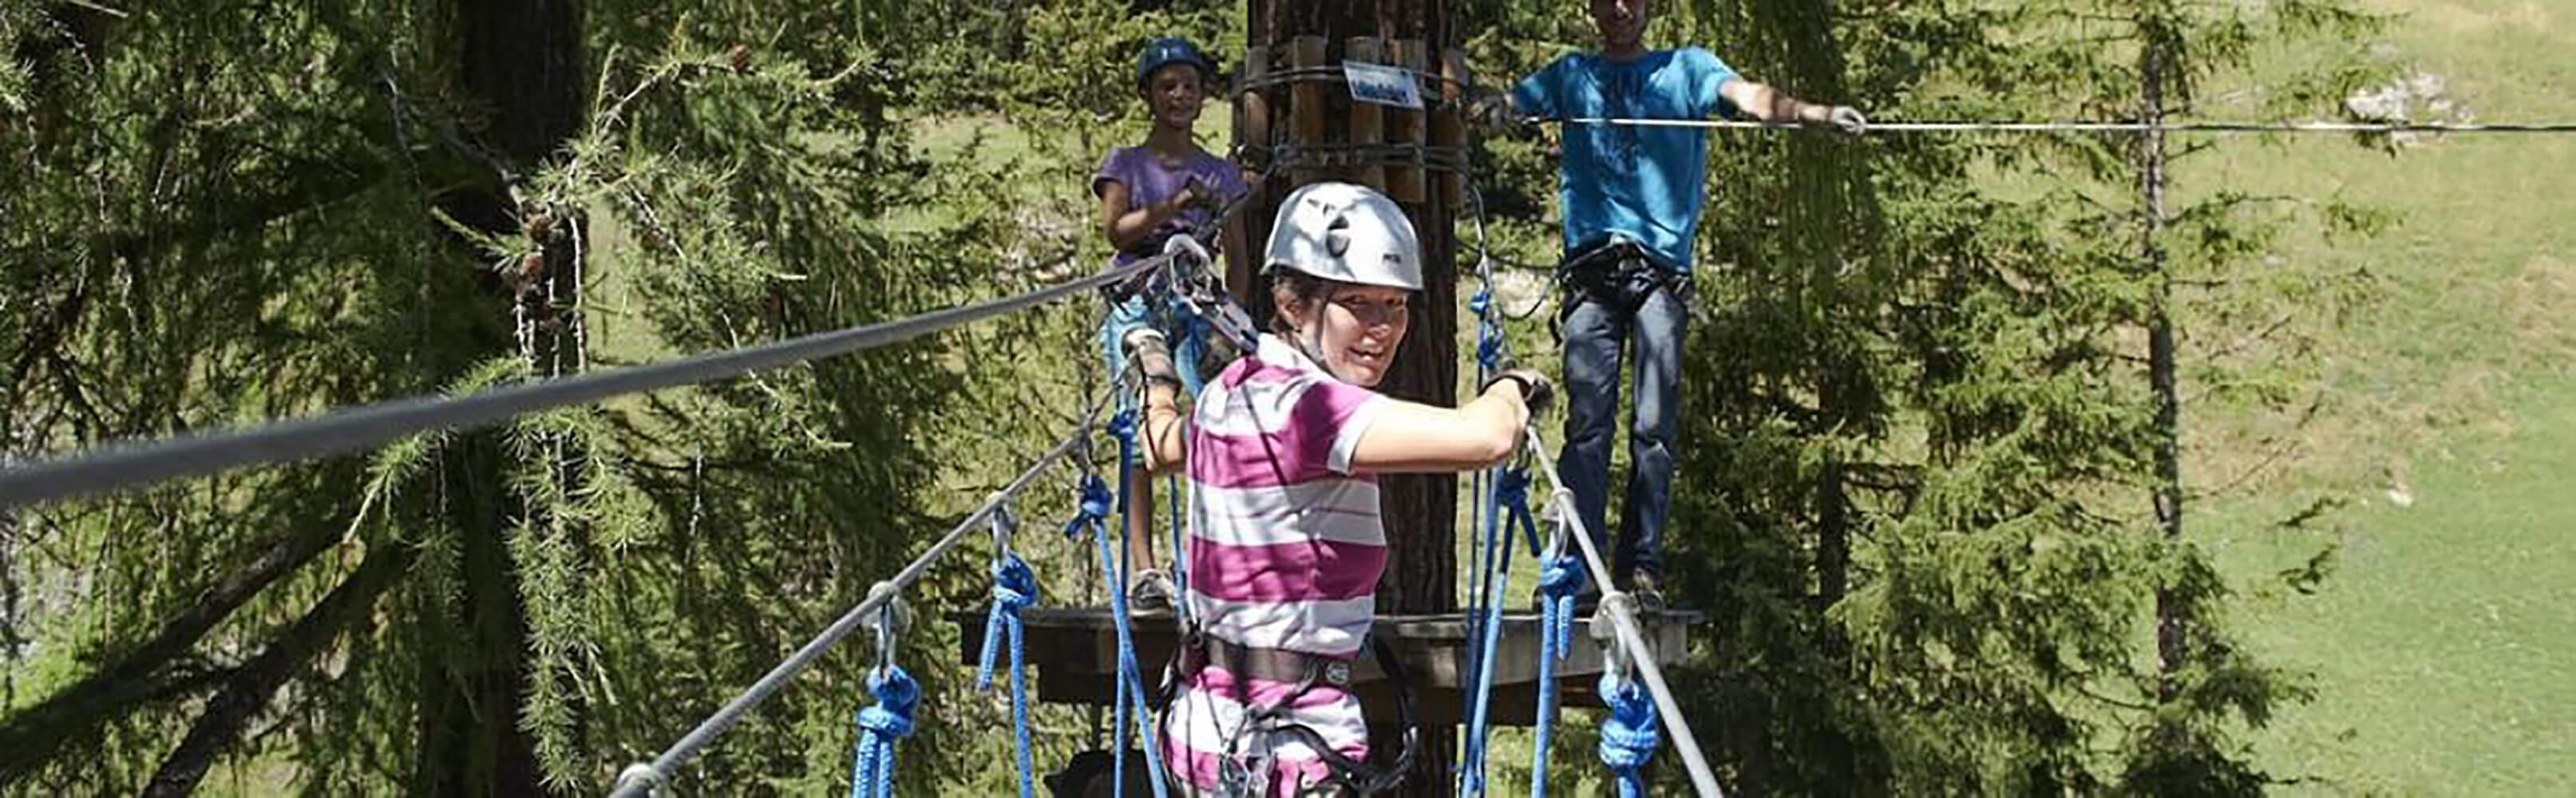 Adventure Park Davos Färich 1